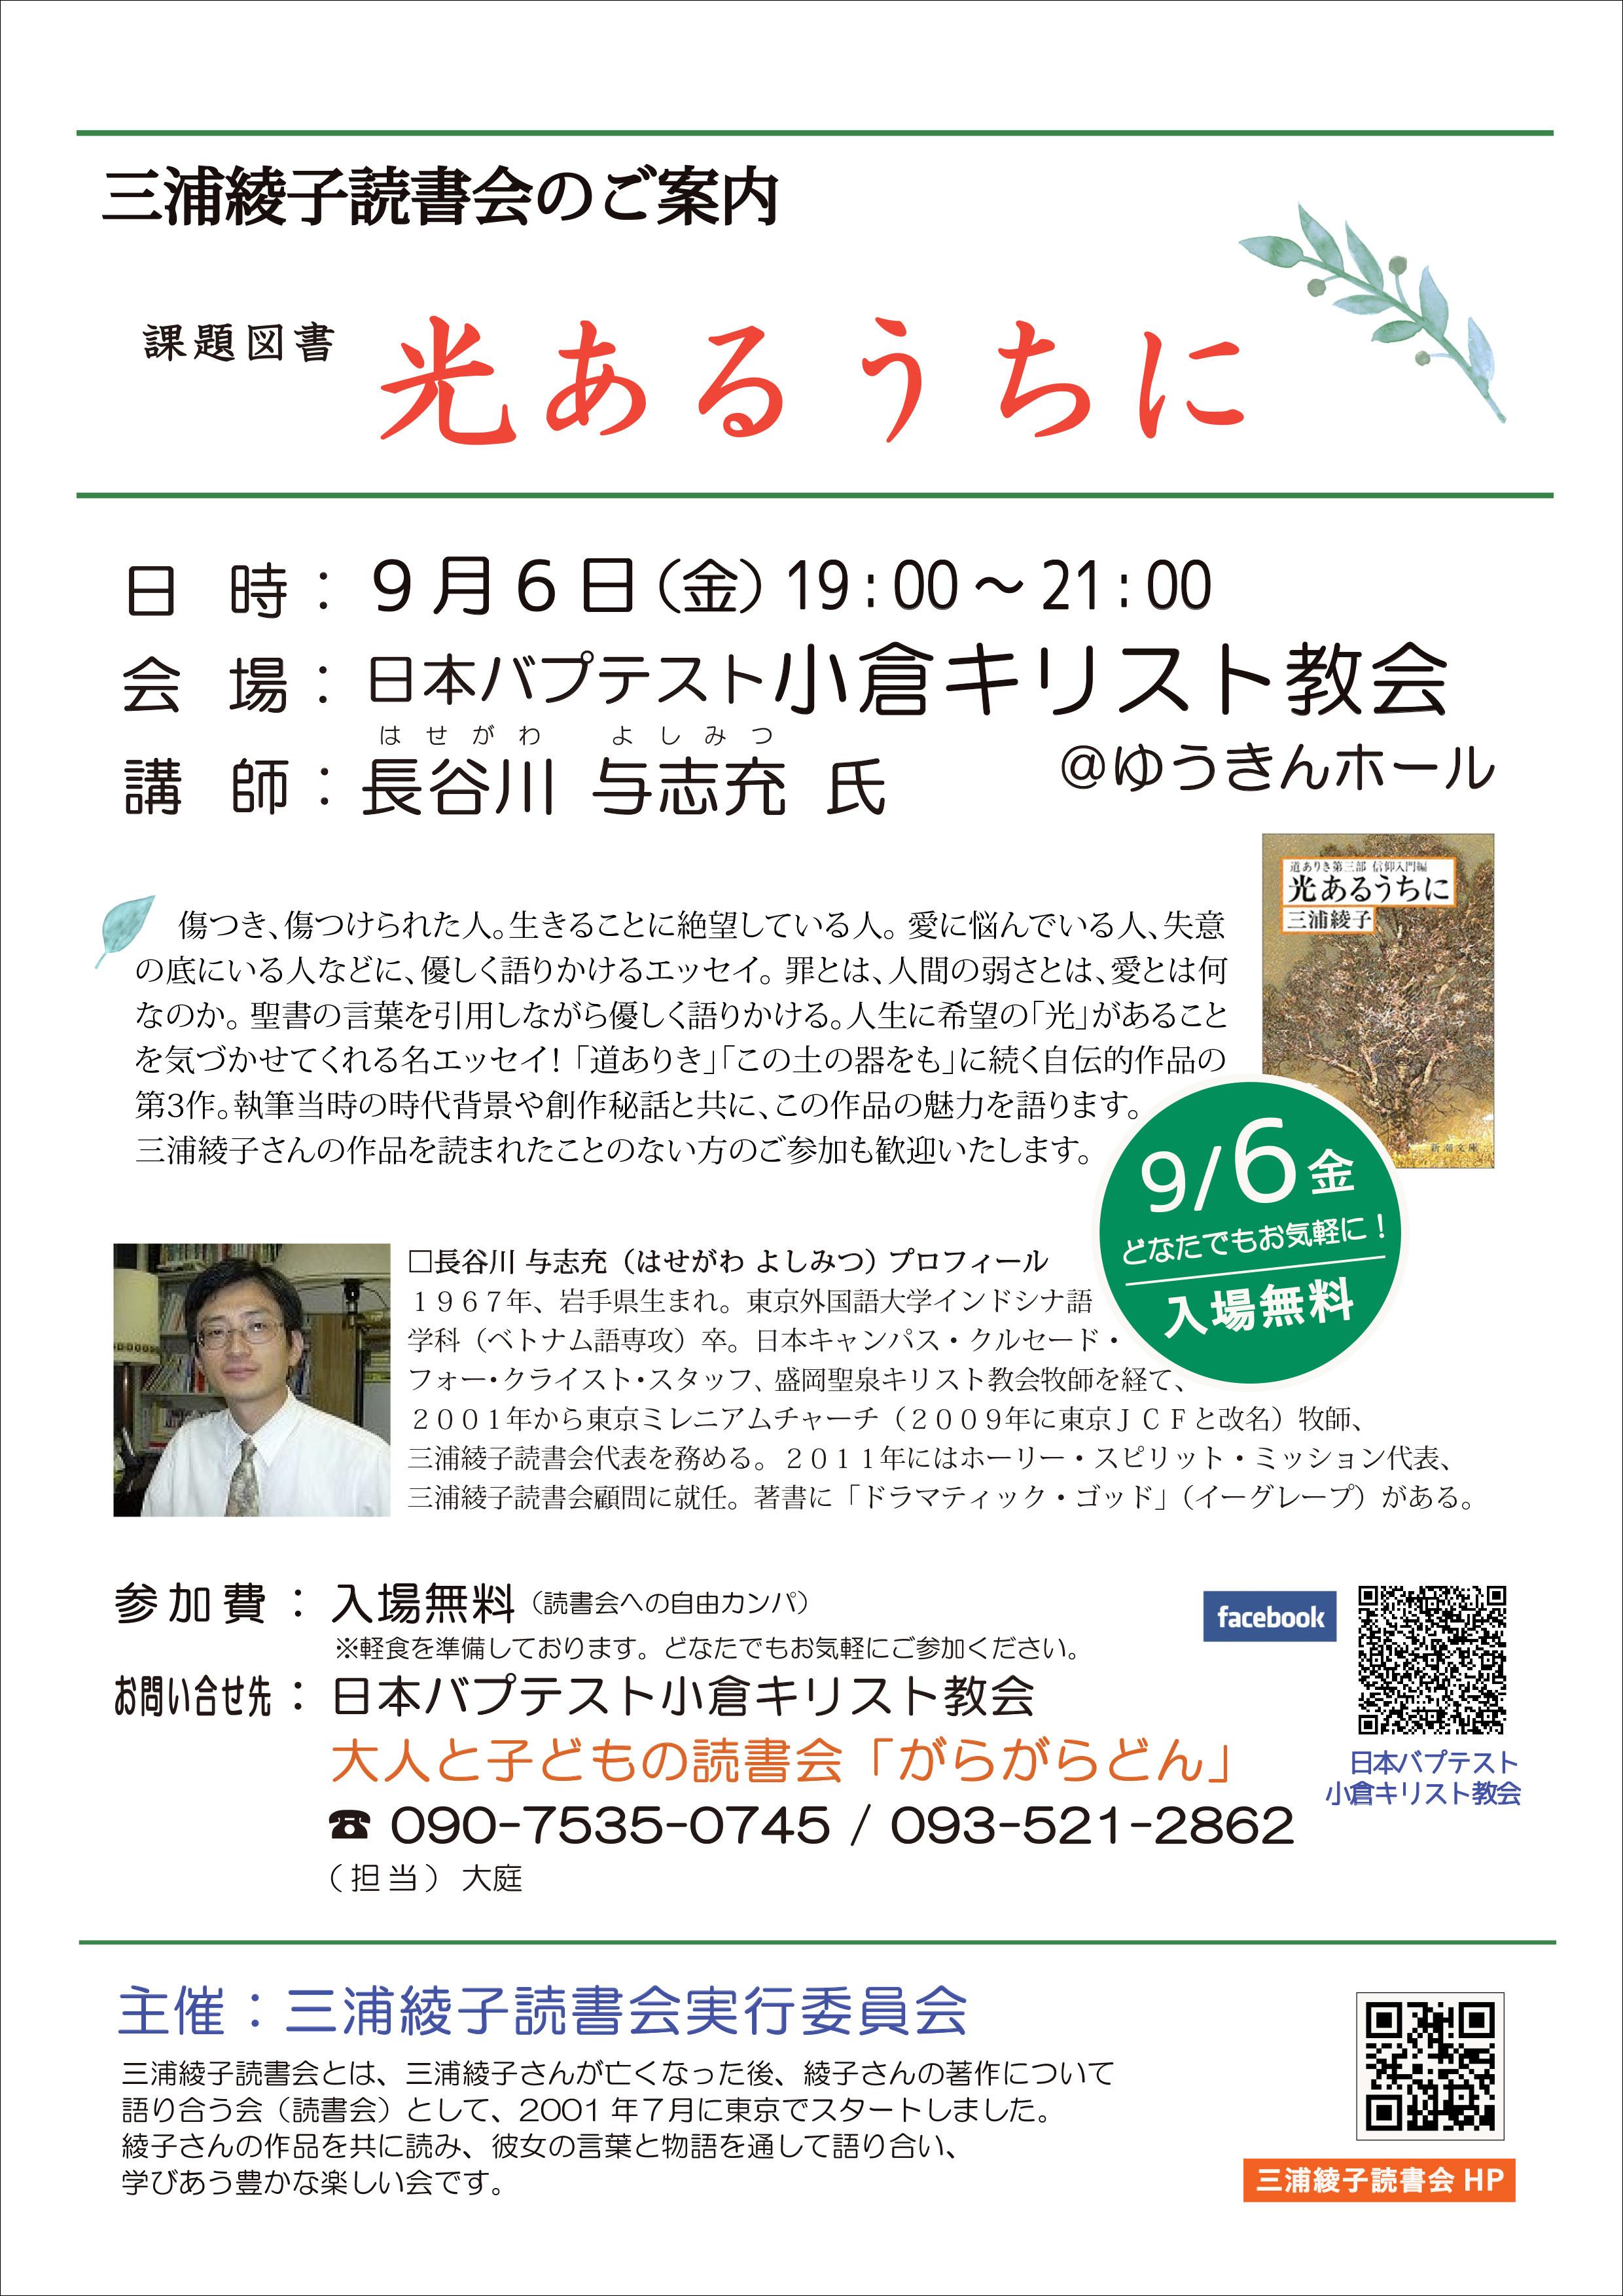 20190906三浦綾子読書会光あるうちに071222完成版